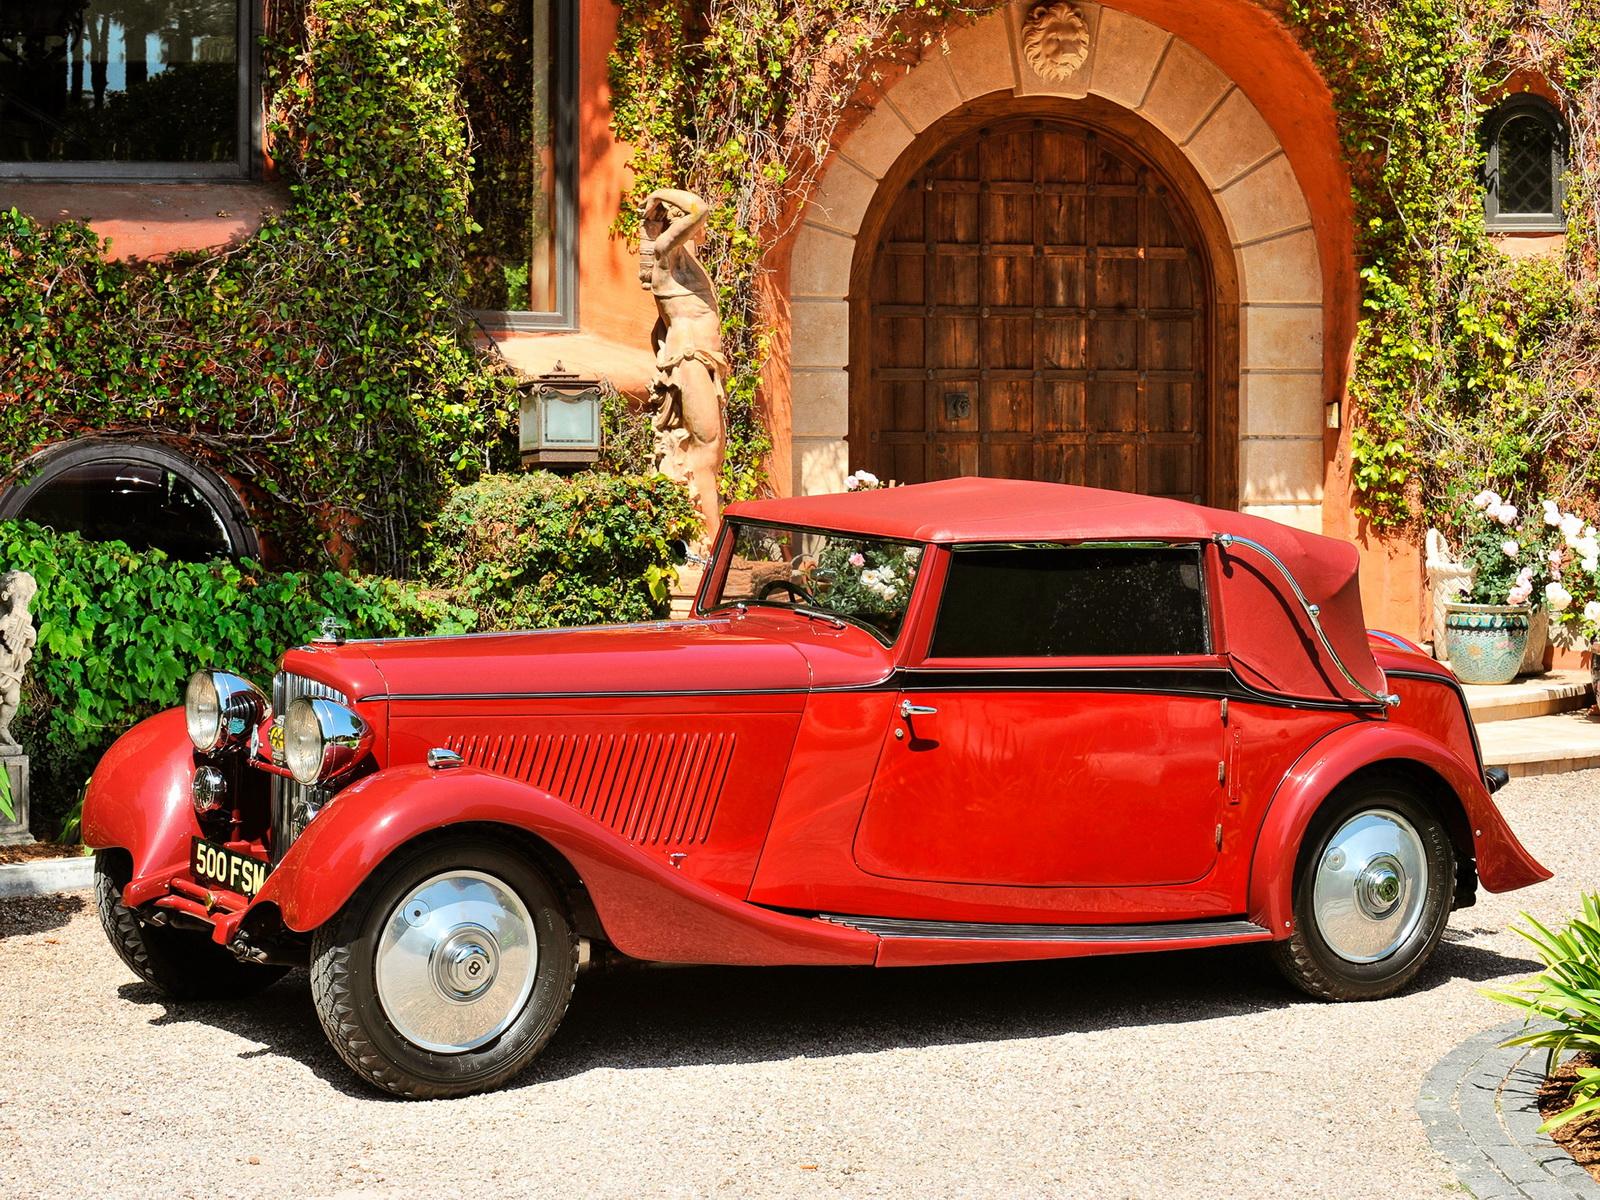 худи старые автомобили иномарки фото прическа